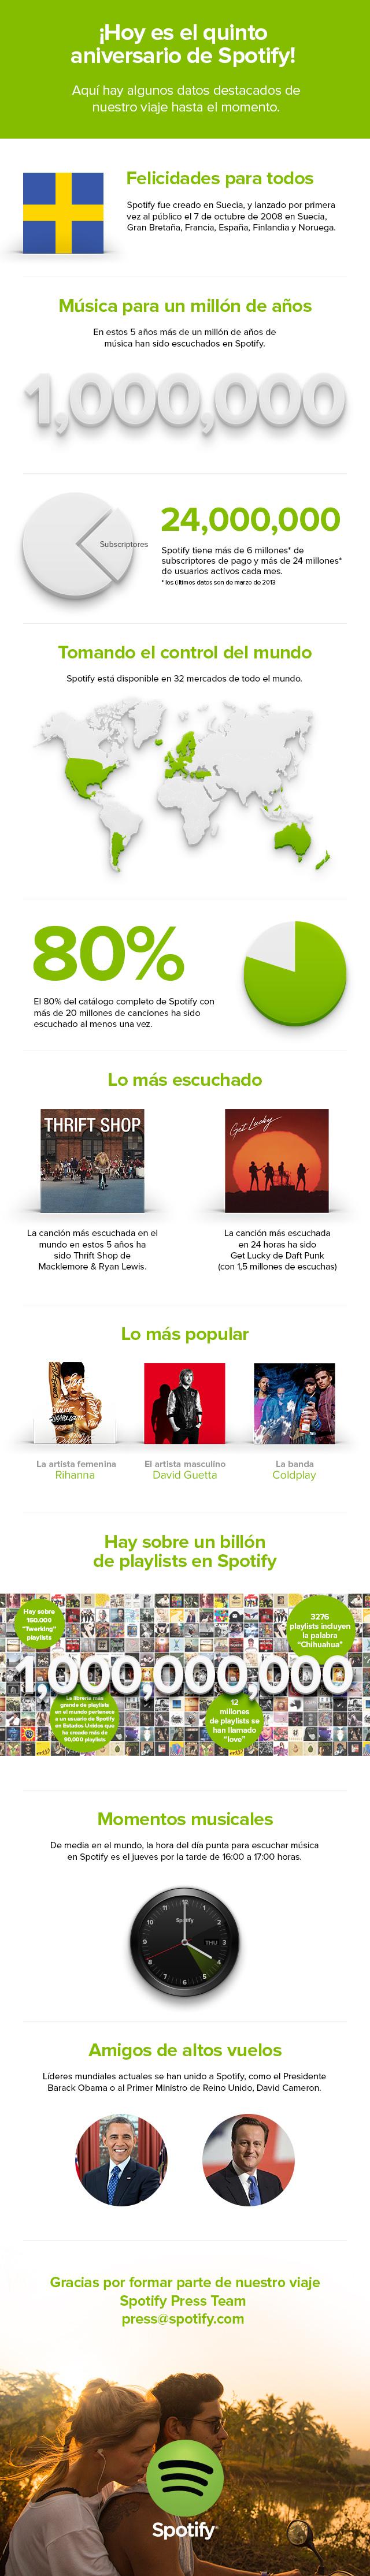 Los 5 primeros años de Spotify